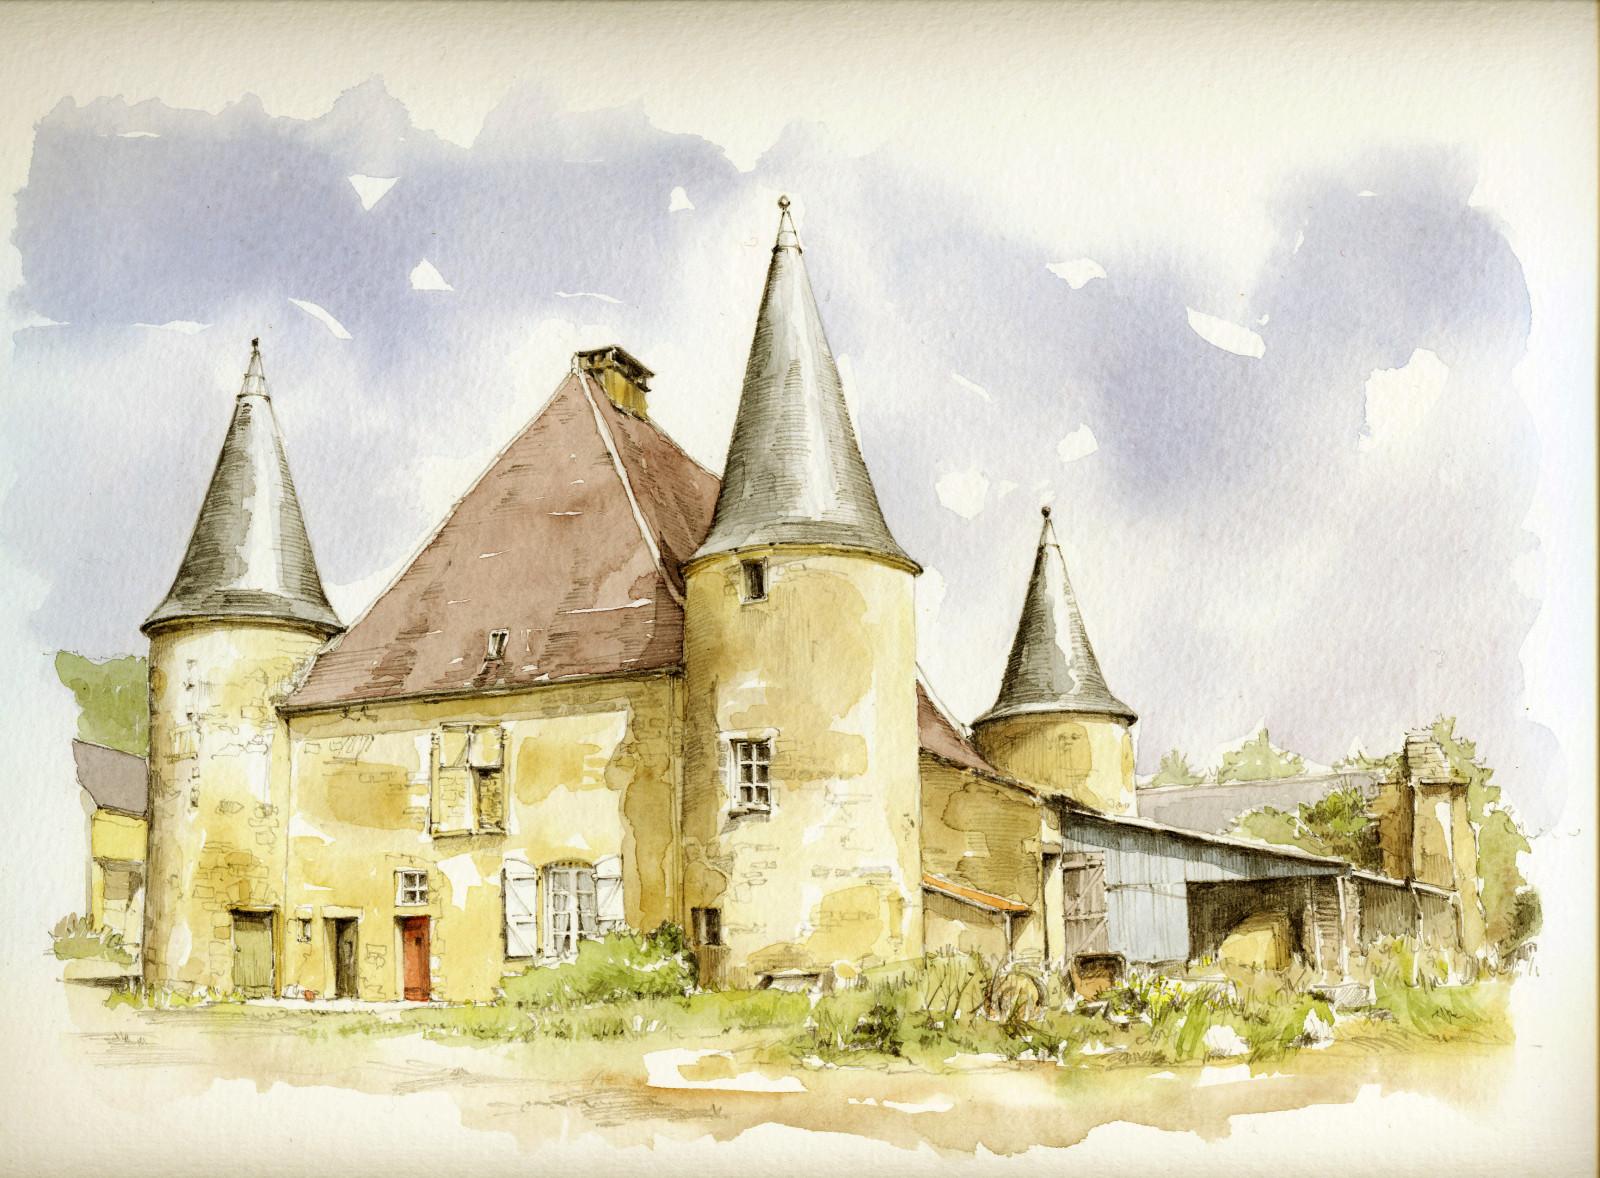 Wallpaper Gambar Lukisan Ilustrasi Kastil Perancis